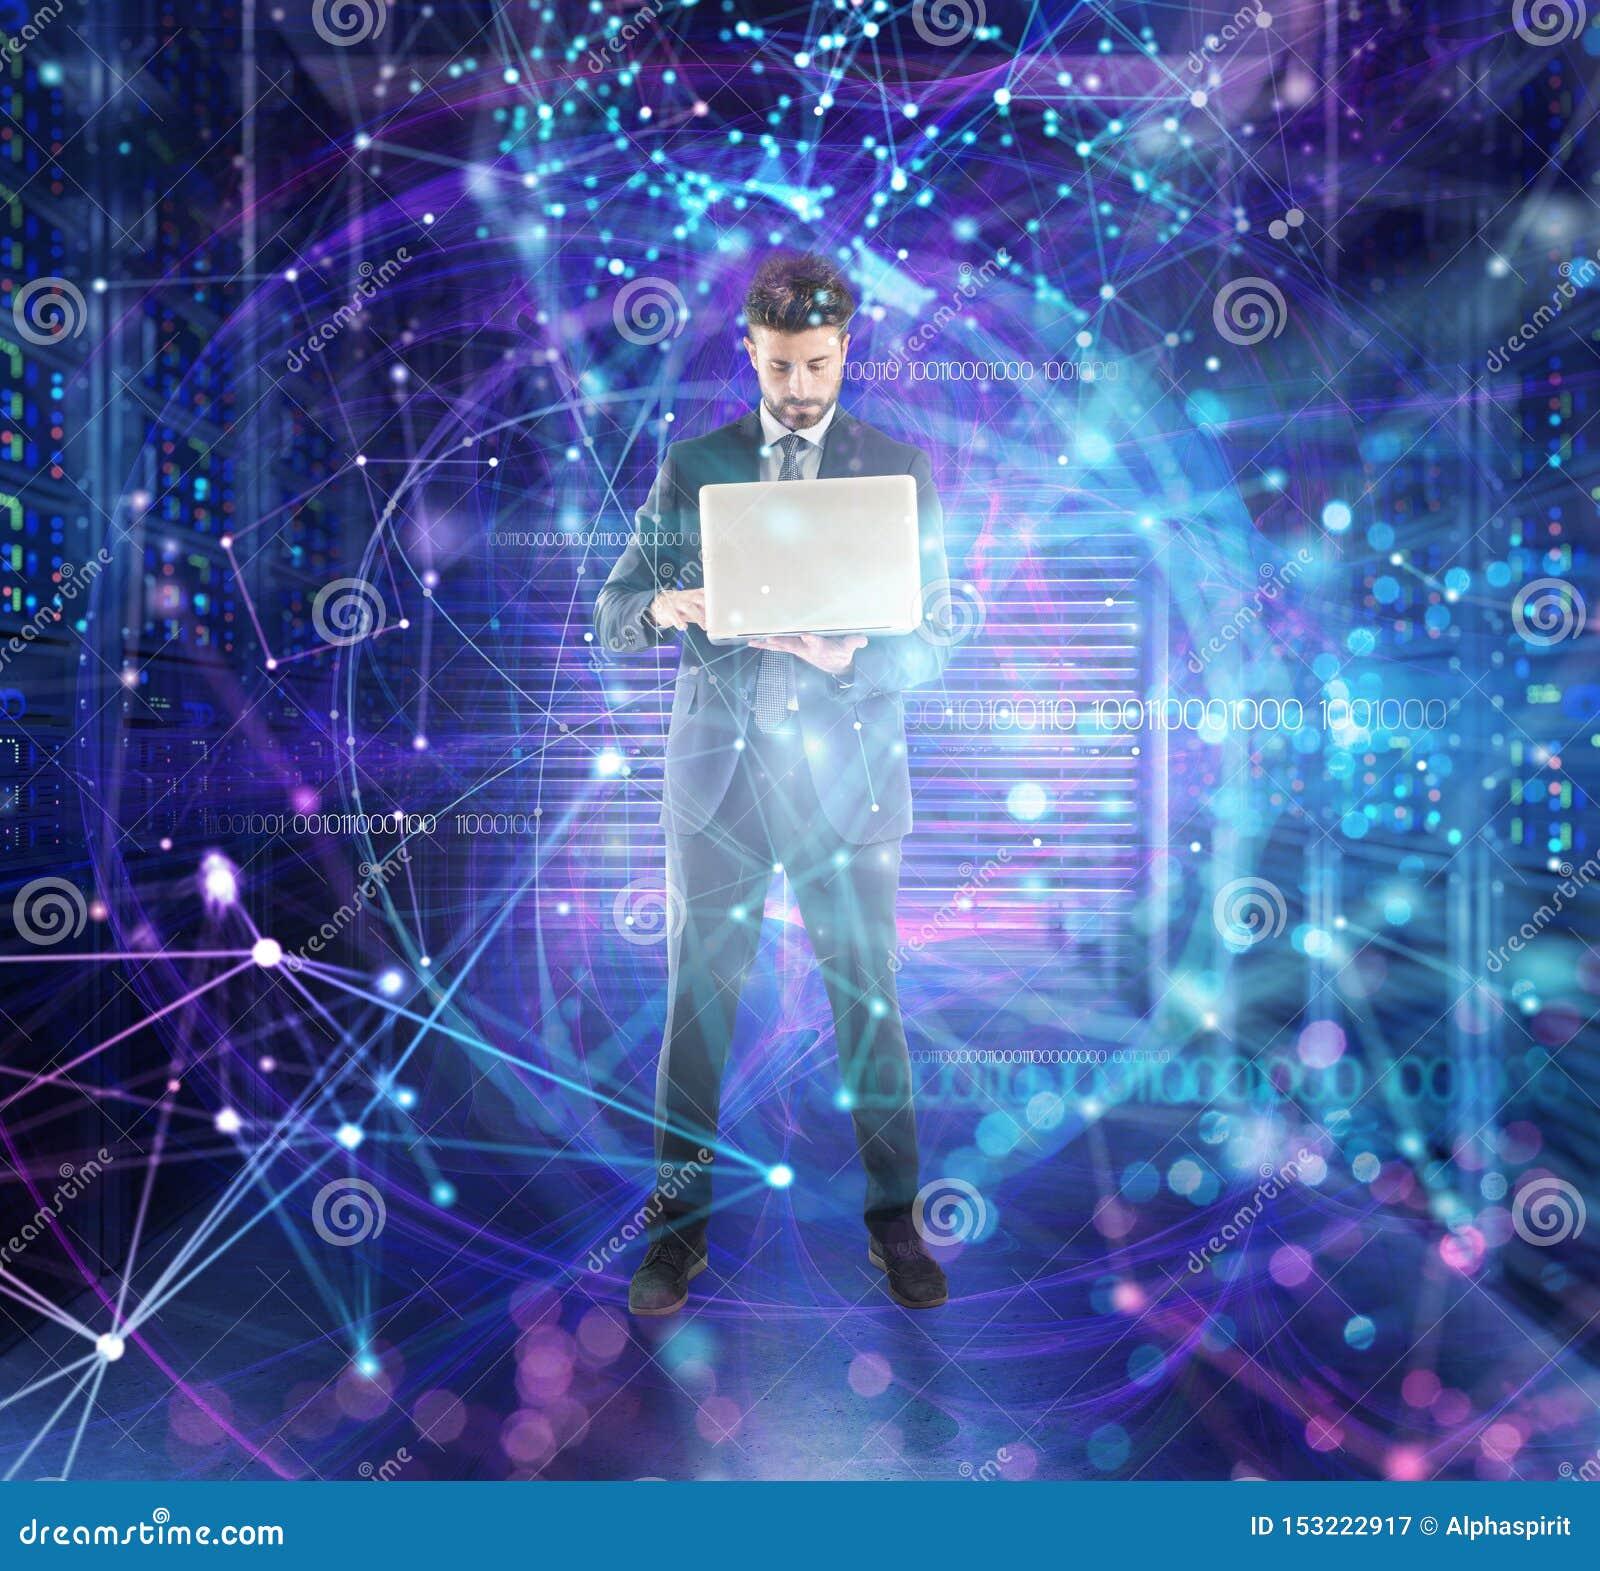 El hombre de negocios trabaja en un cuarto del centro de datos con efectos del servidor y de la red de base de datos